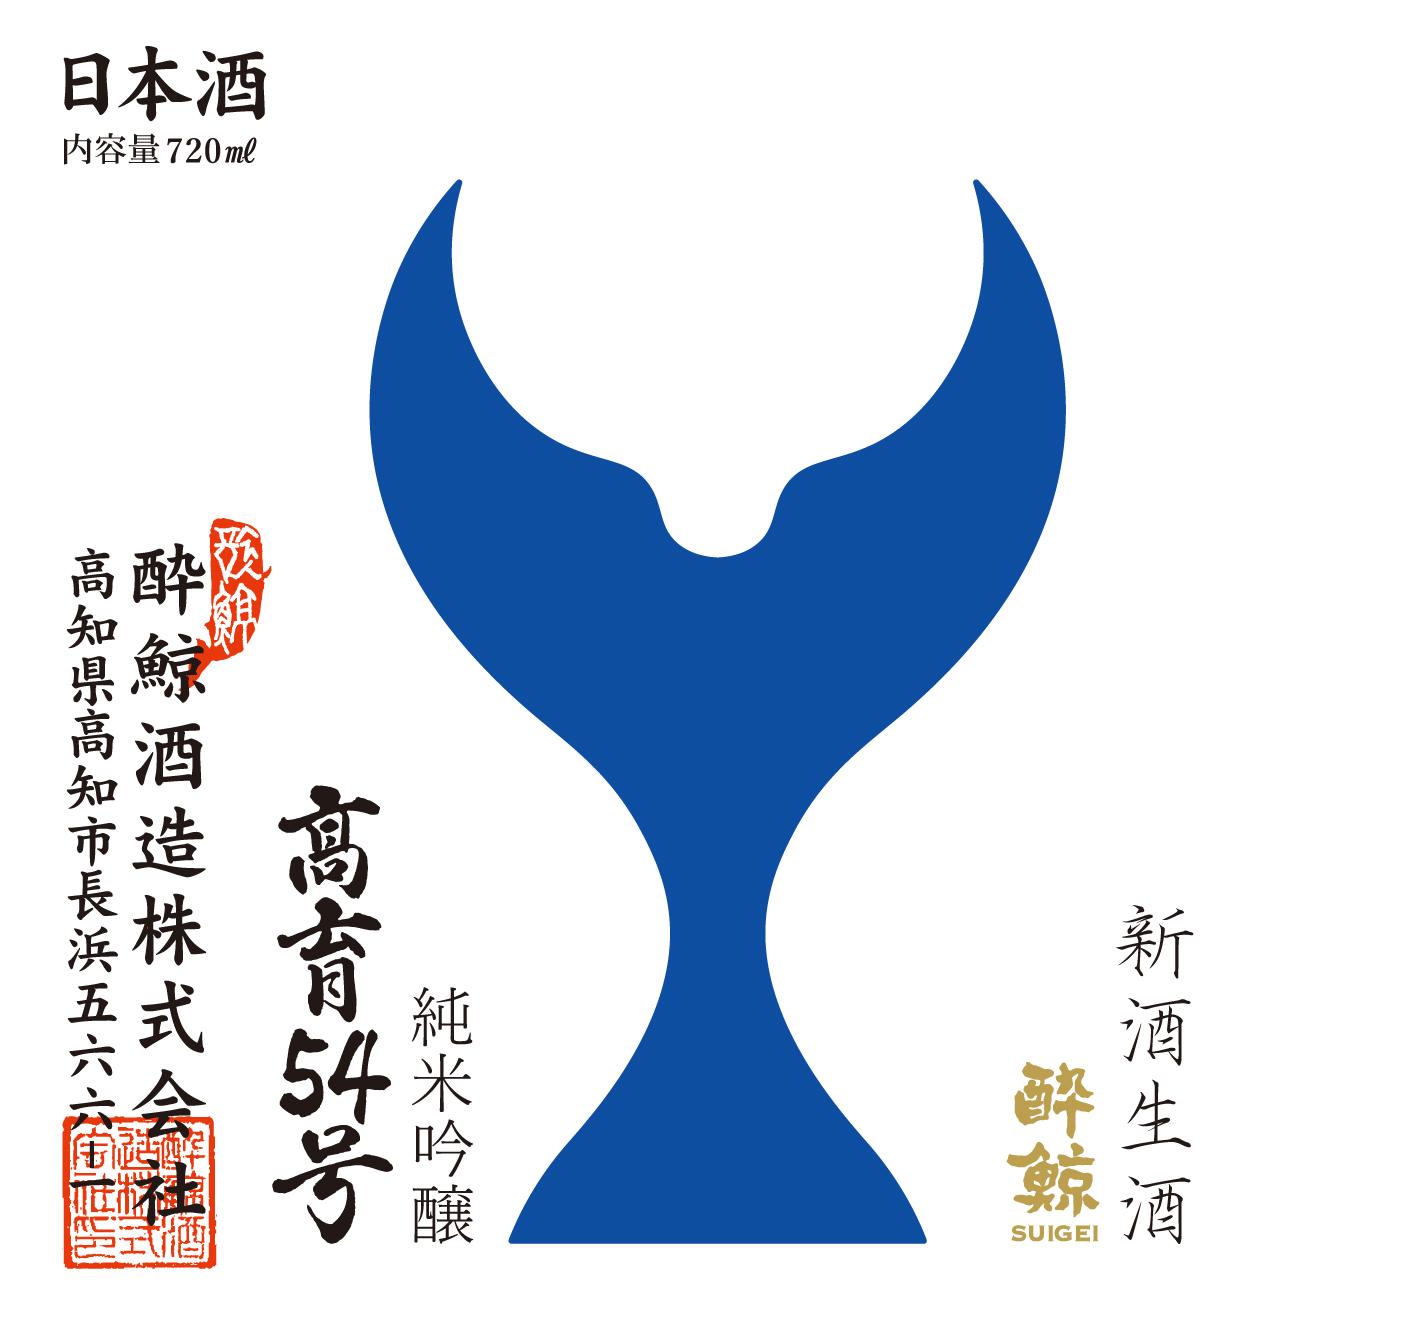 「純米吟醸 高育54号 新酒生酒」発売開始のお知らせ